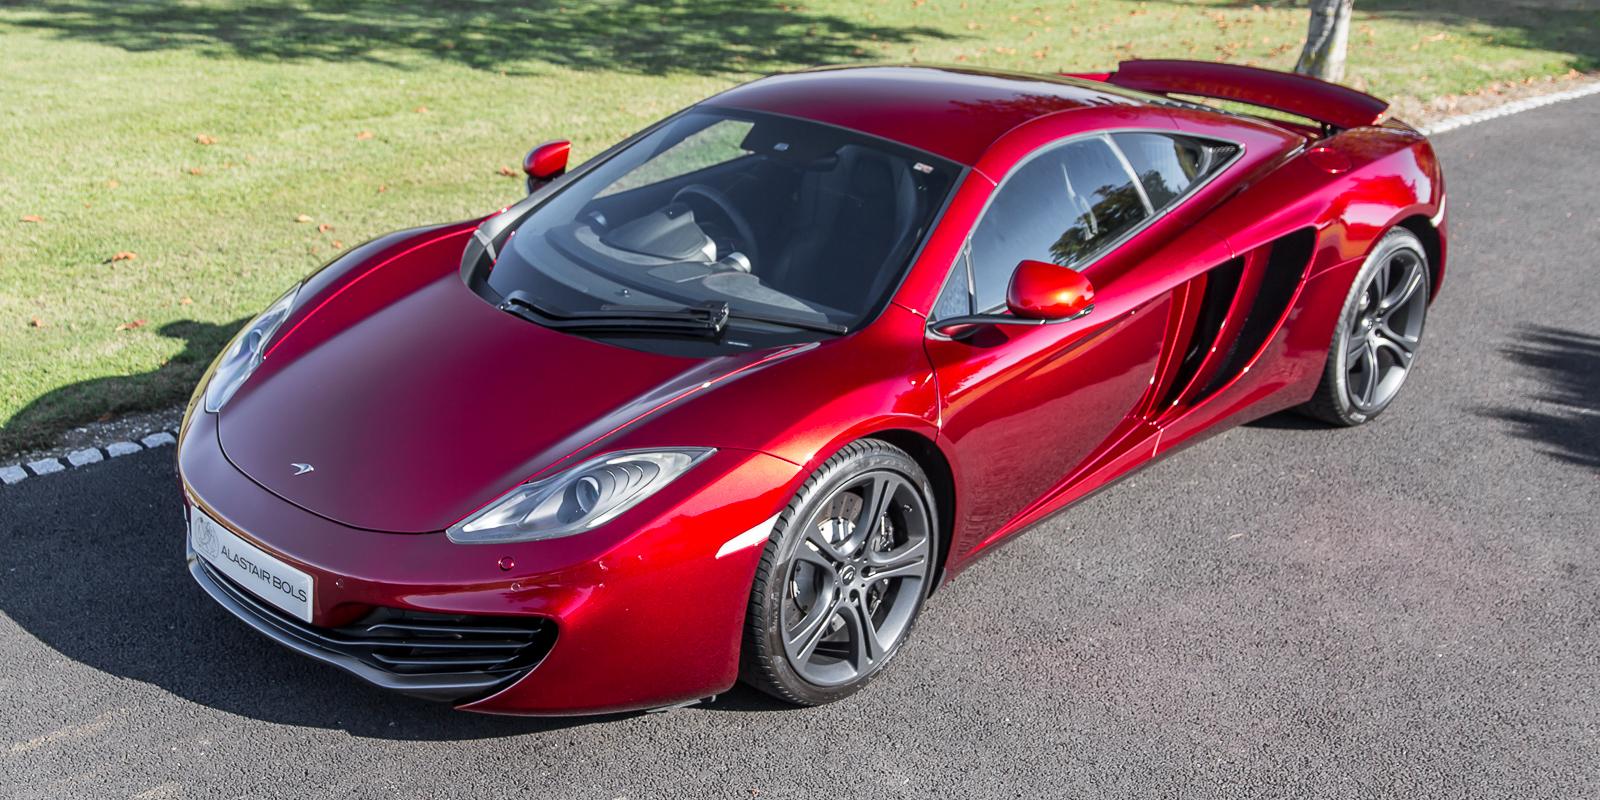 McLaren 12C – Volcano Red